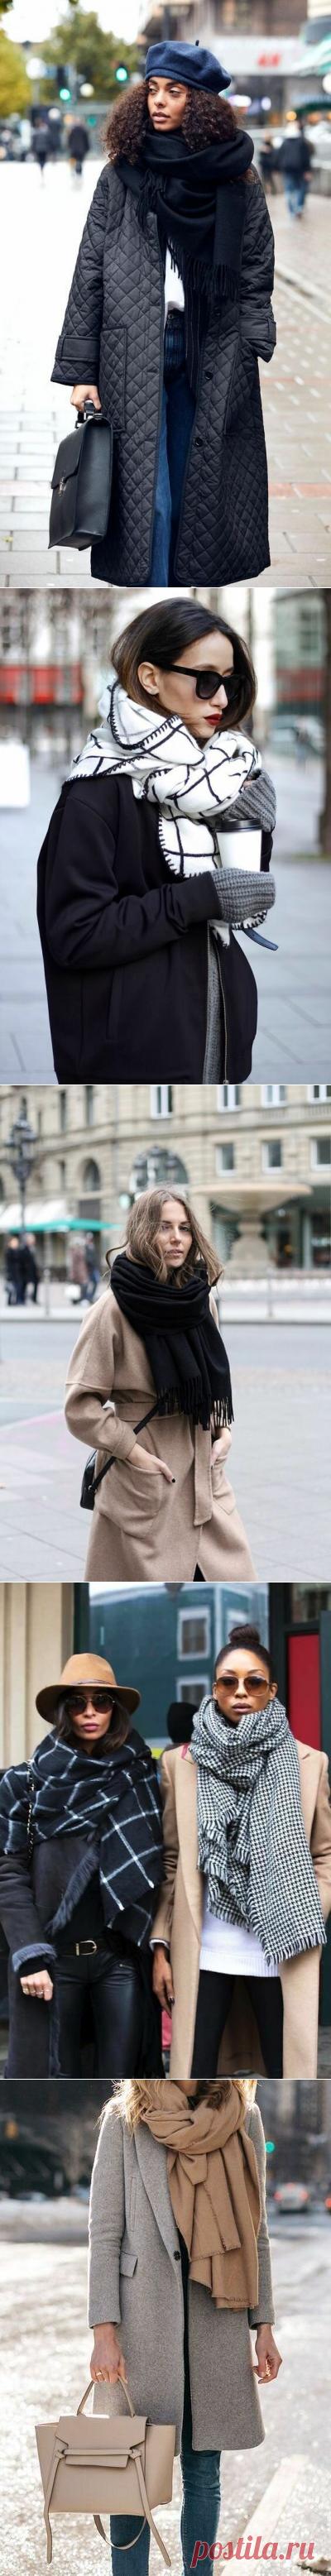 Актуальные шарфы и 15+ способов стильно их носить | KOVALSTYLE | Яндекс Дзен